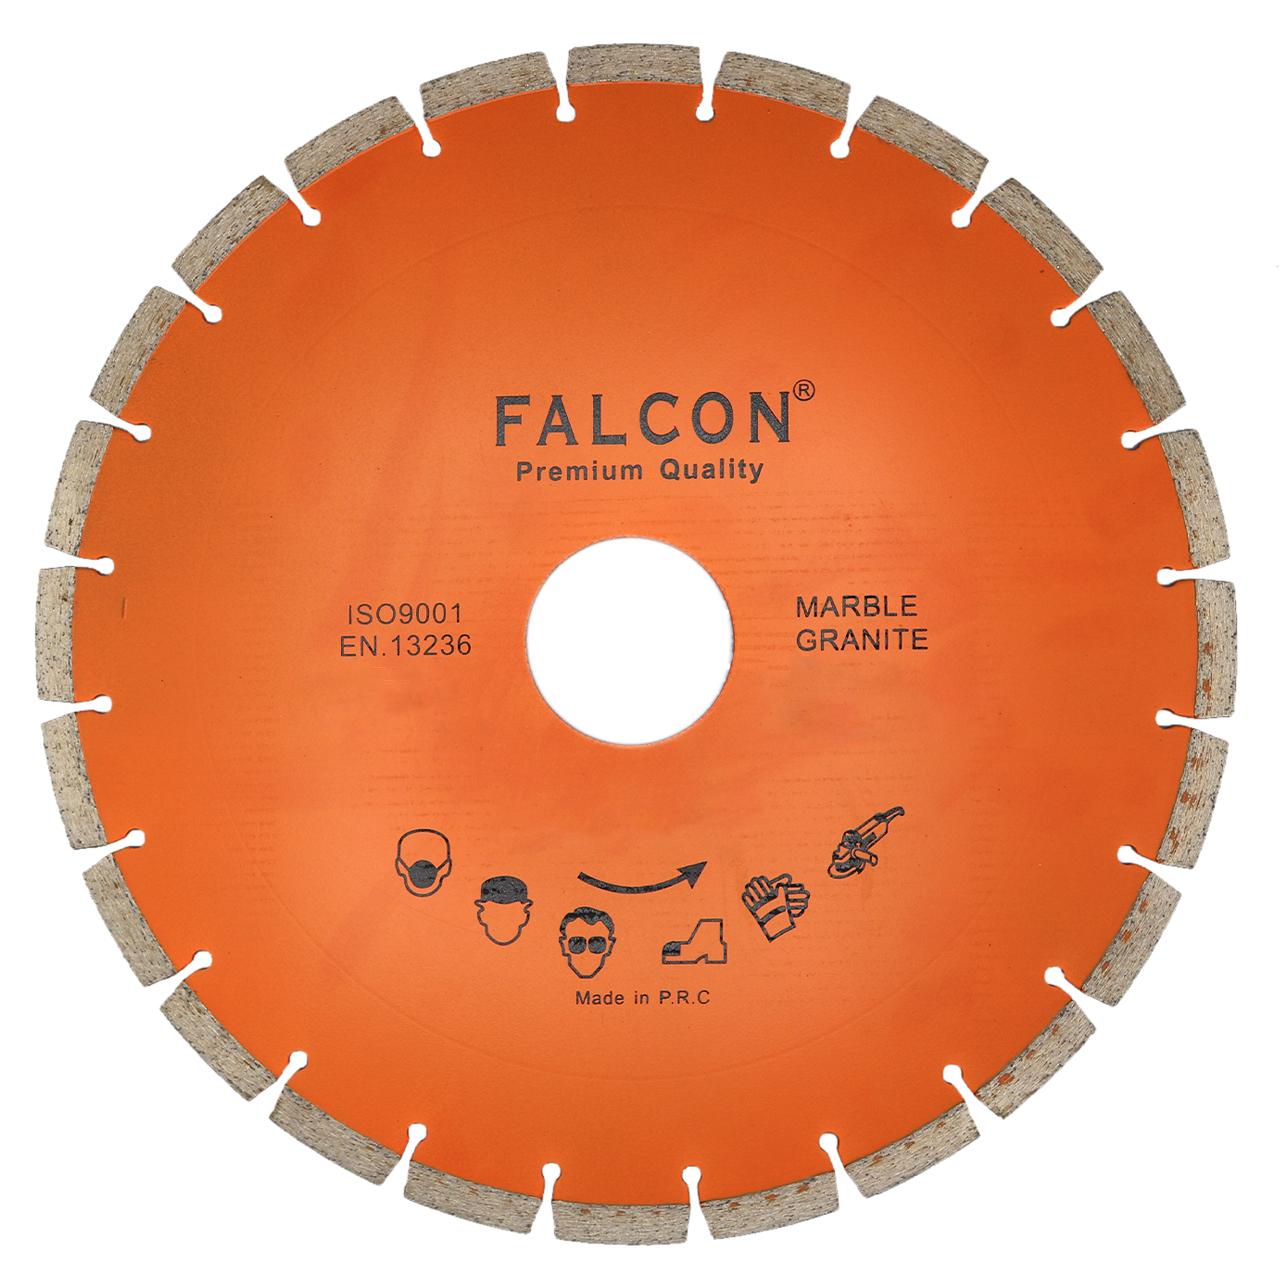 صفحه برش گرانیت فالکون مدل FL500